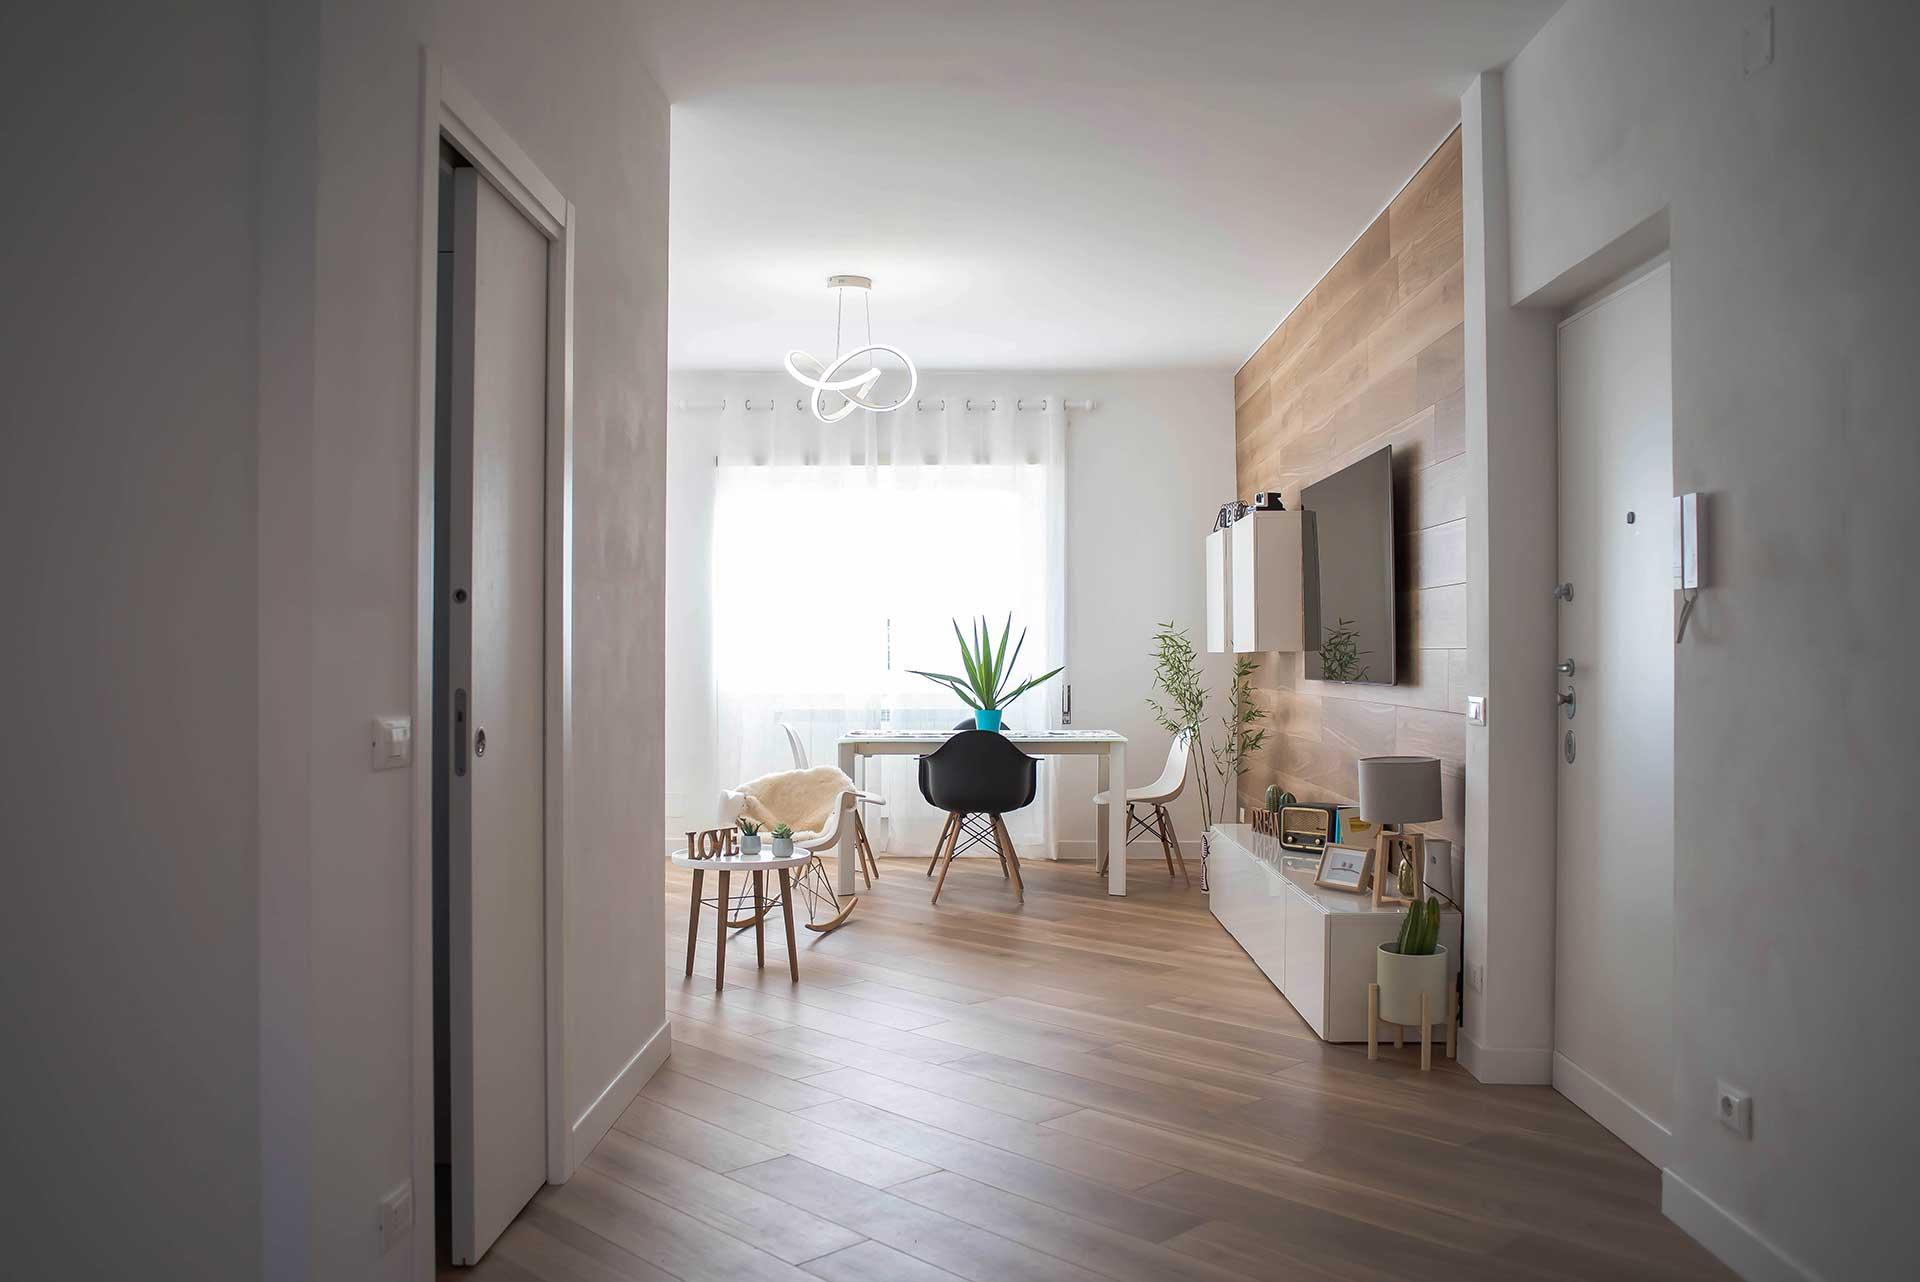 progetto-interior-lz-2019-02